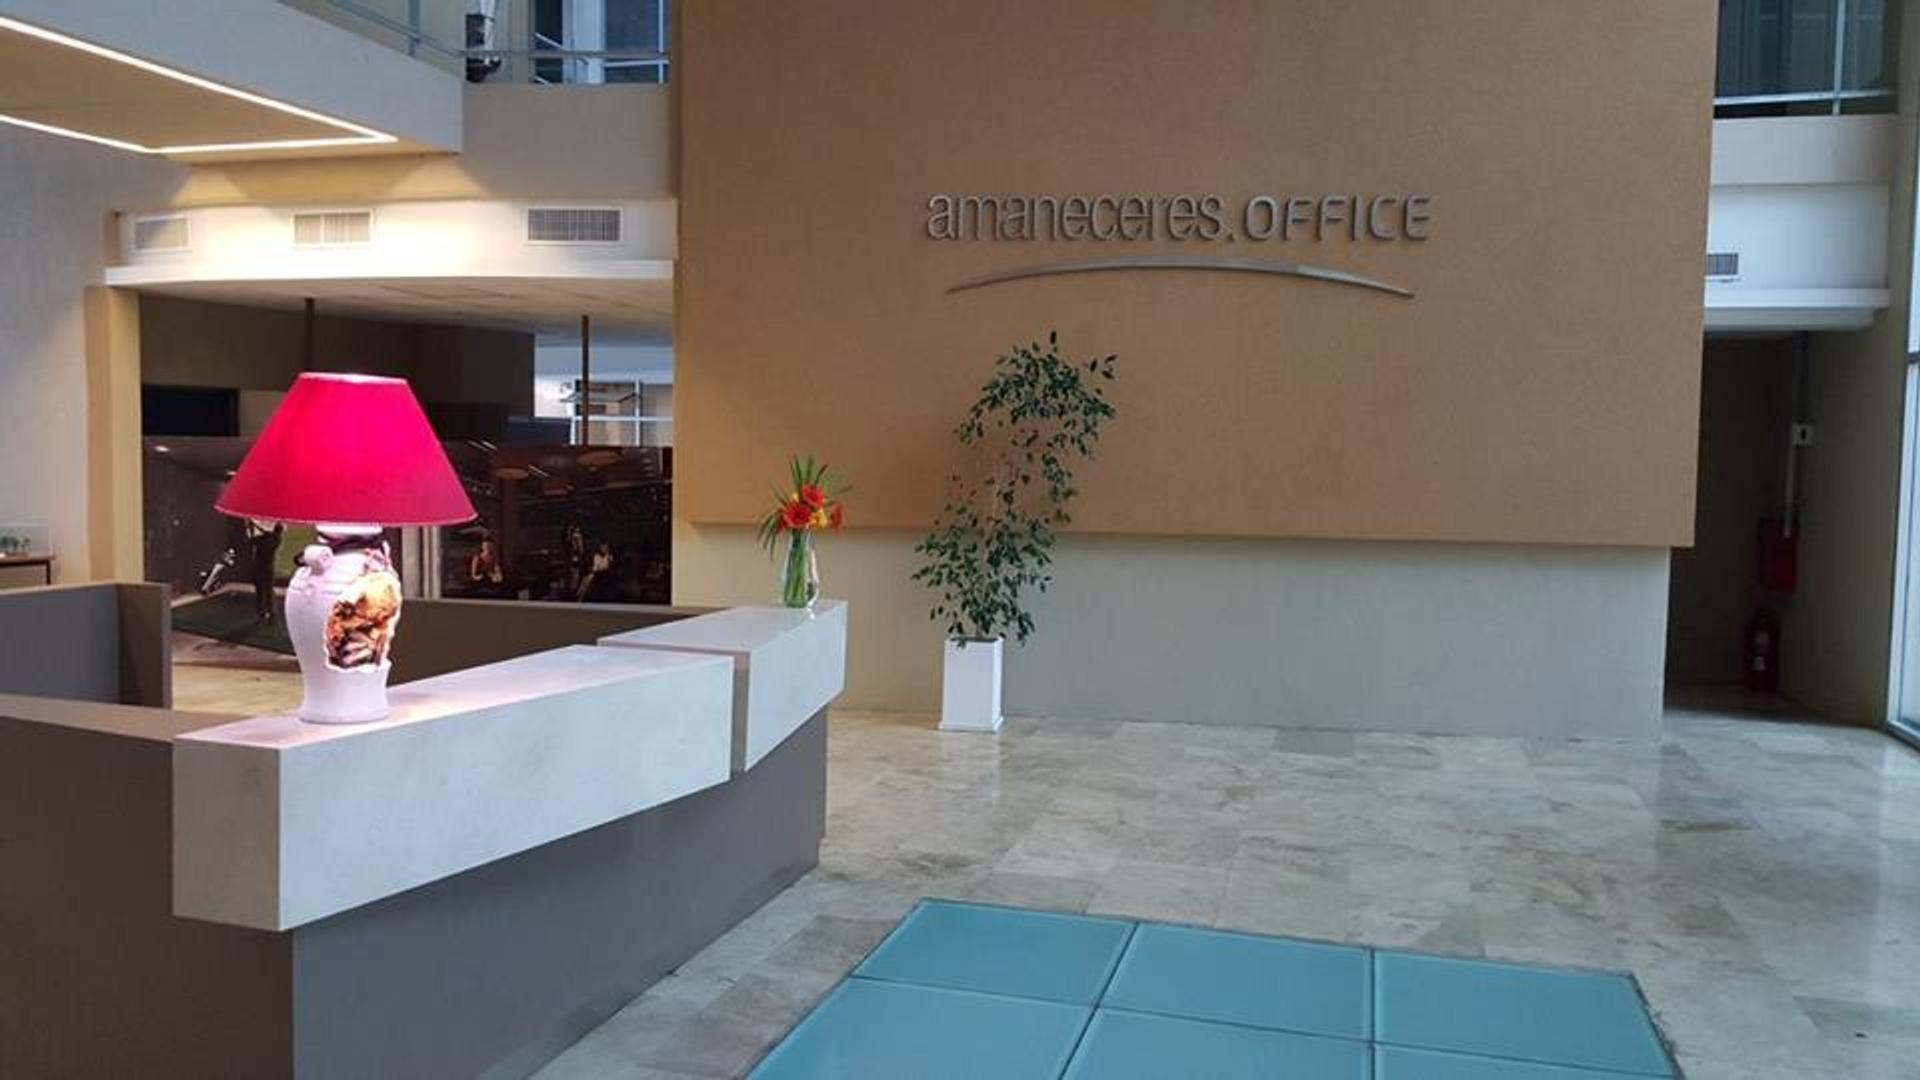 Amplia Oficina en Canning, Amaneceres Office!